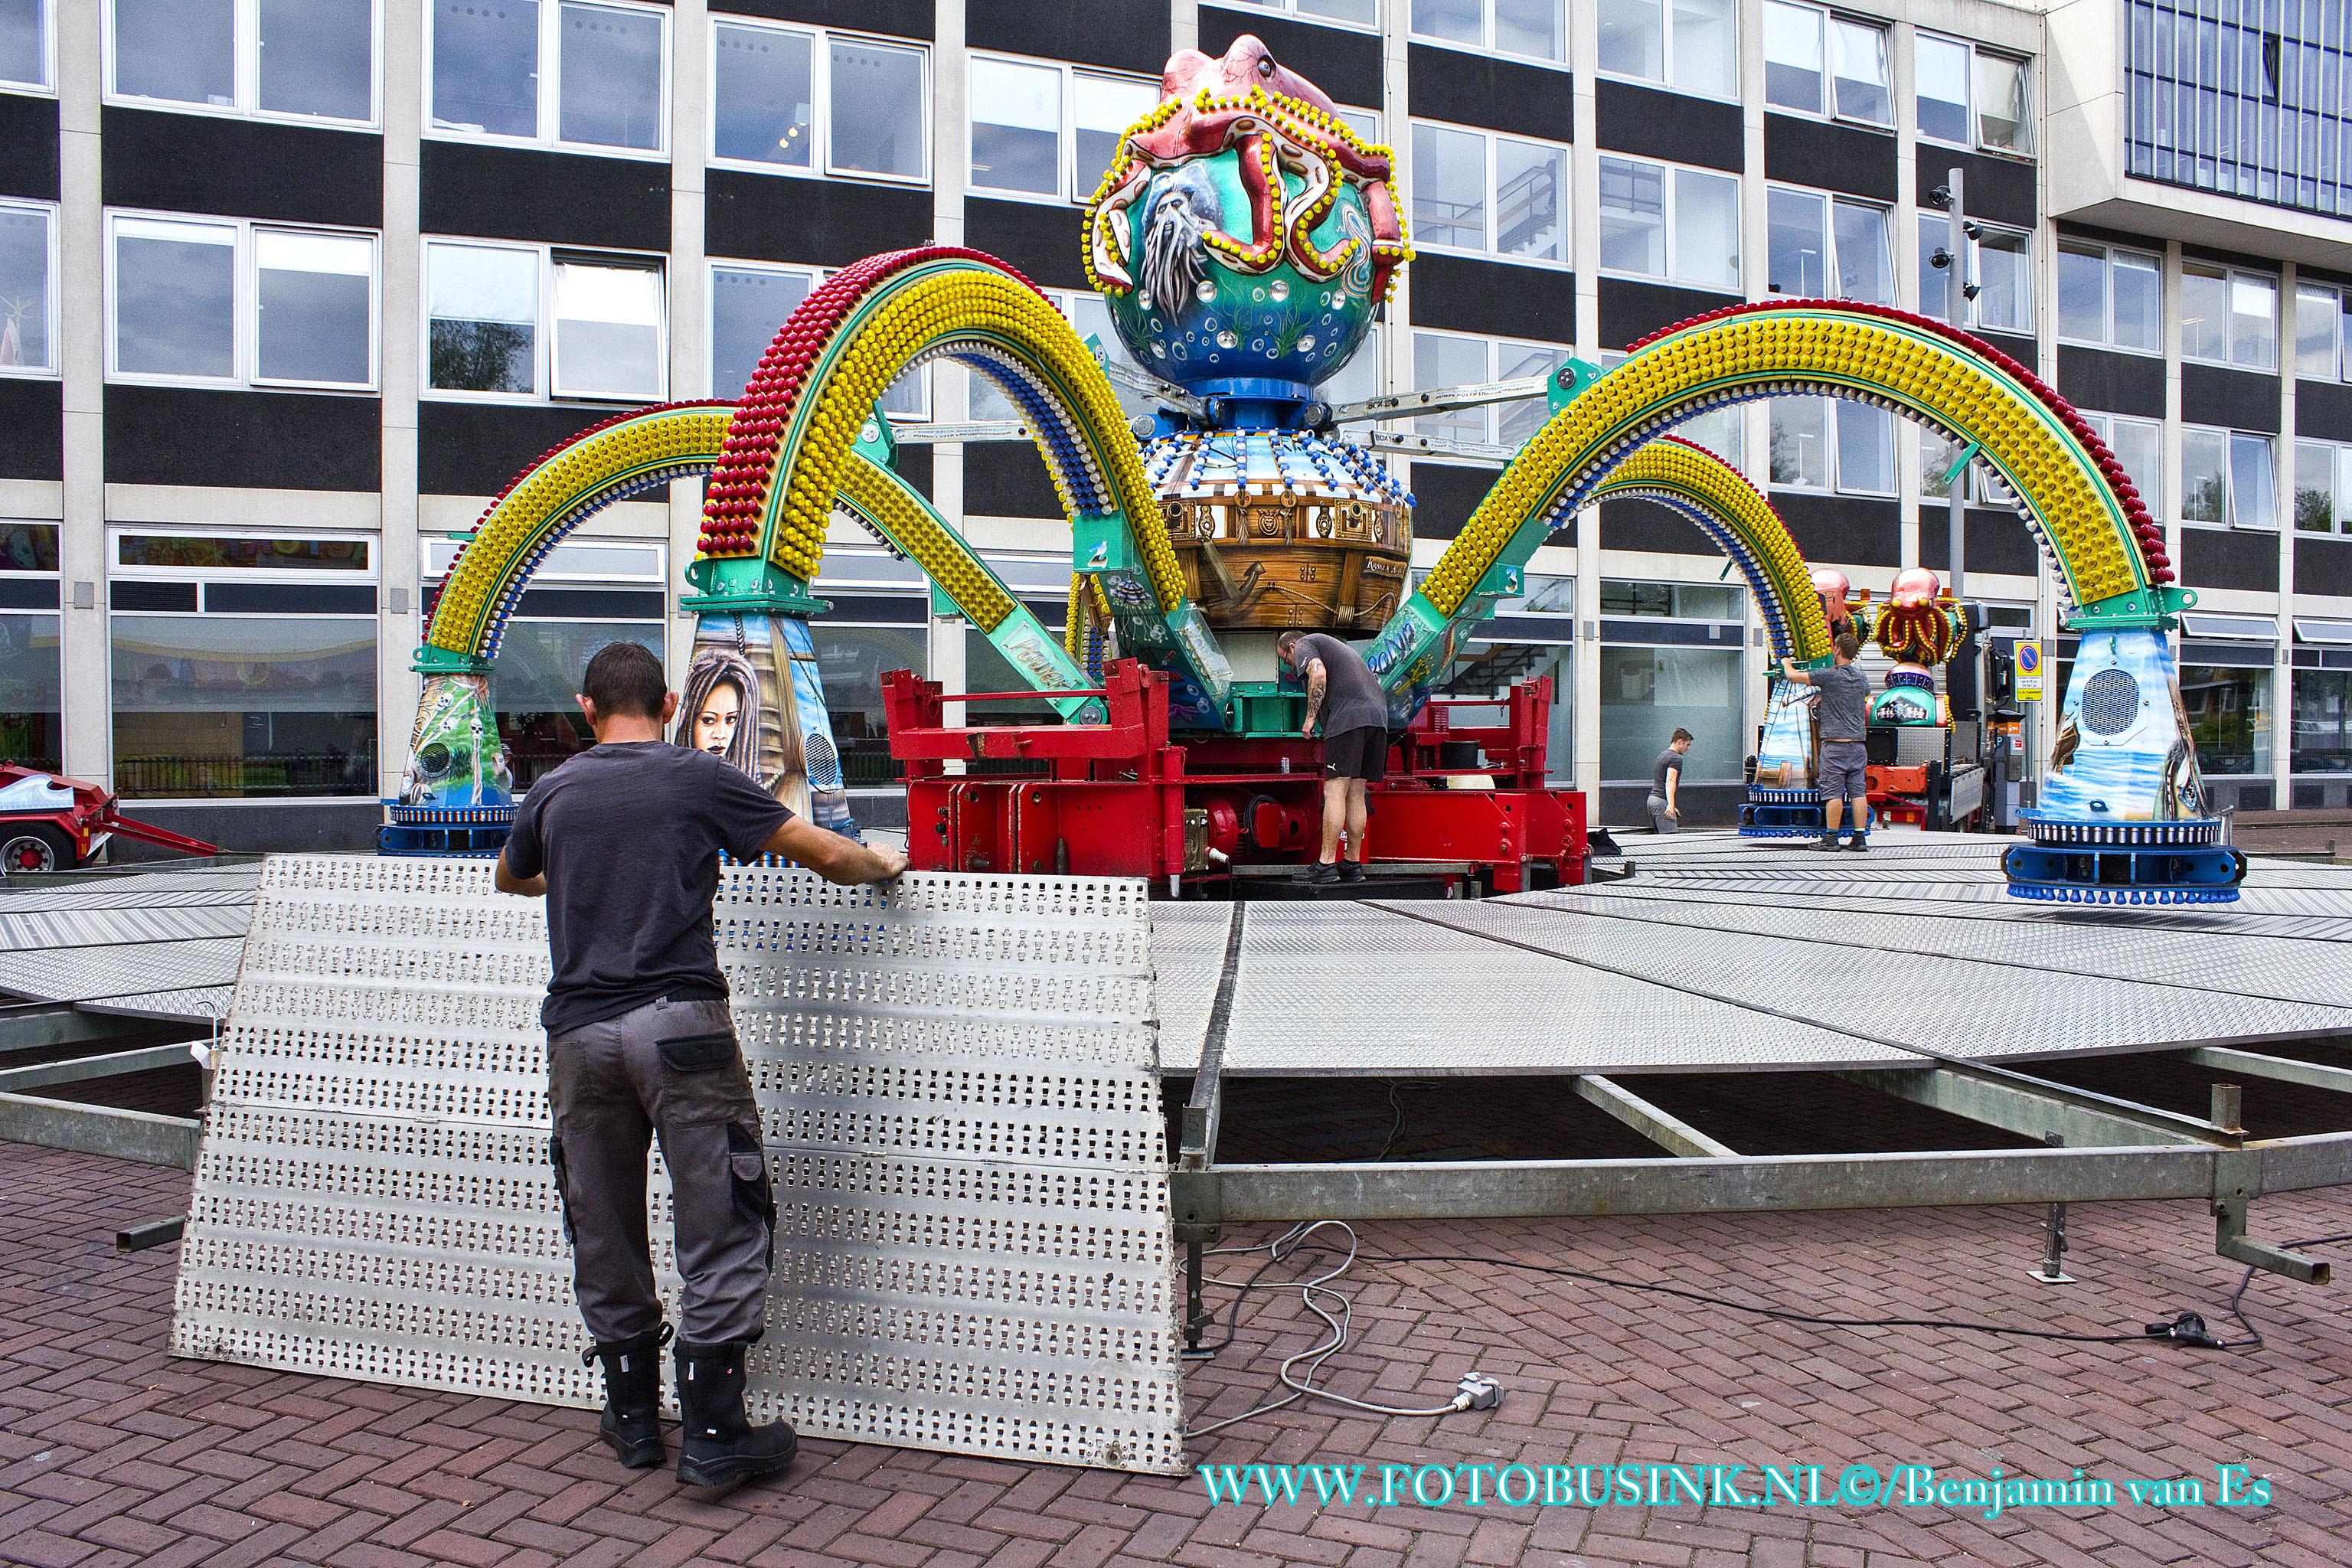 Kermis opbouw op de Spuiboulevard in Dordrecht.